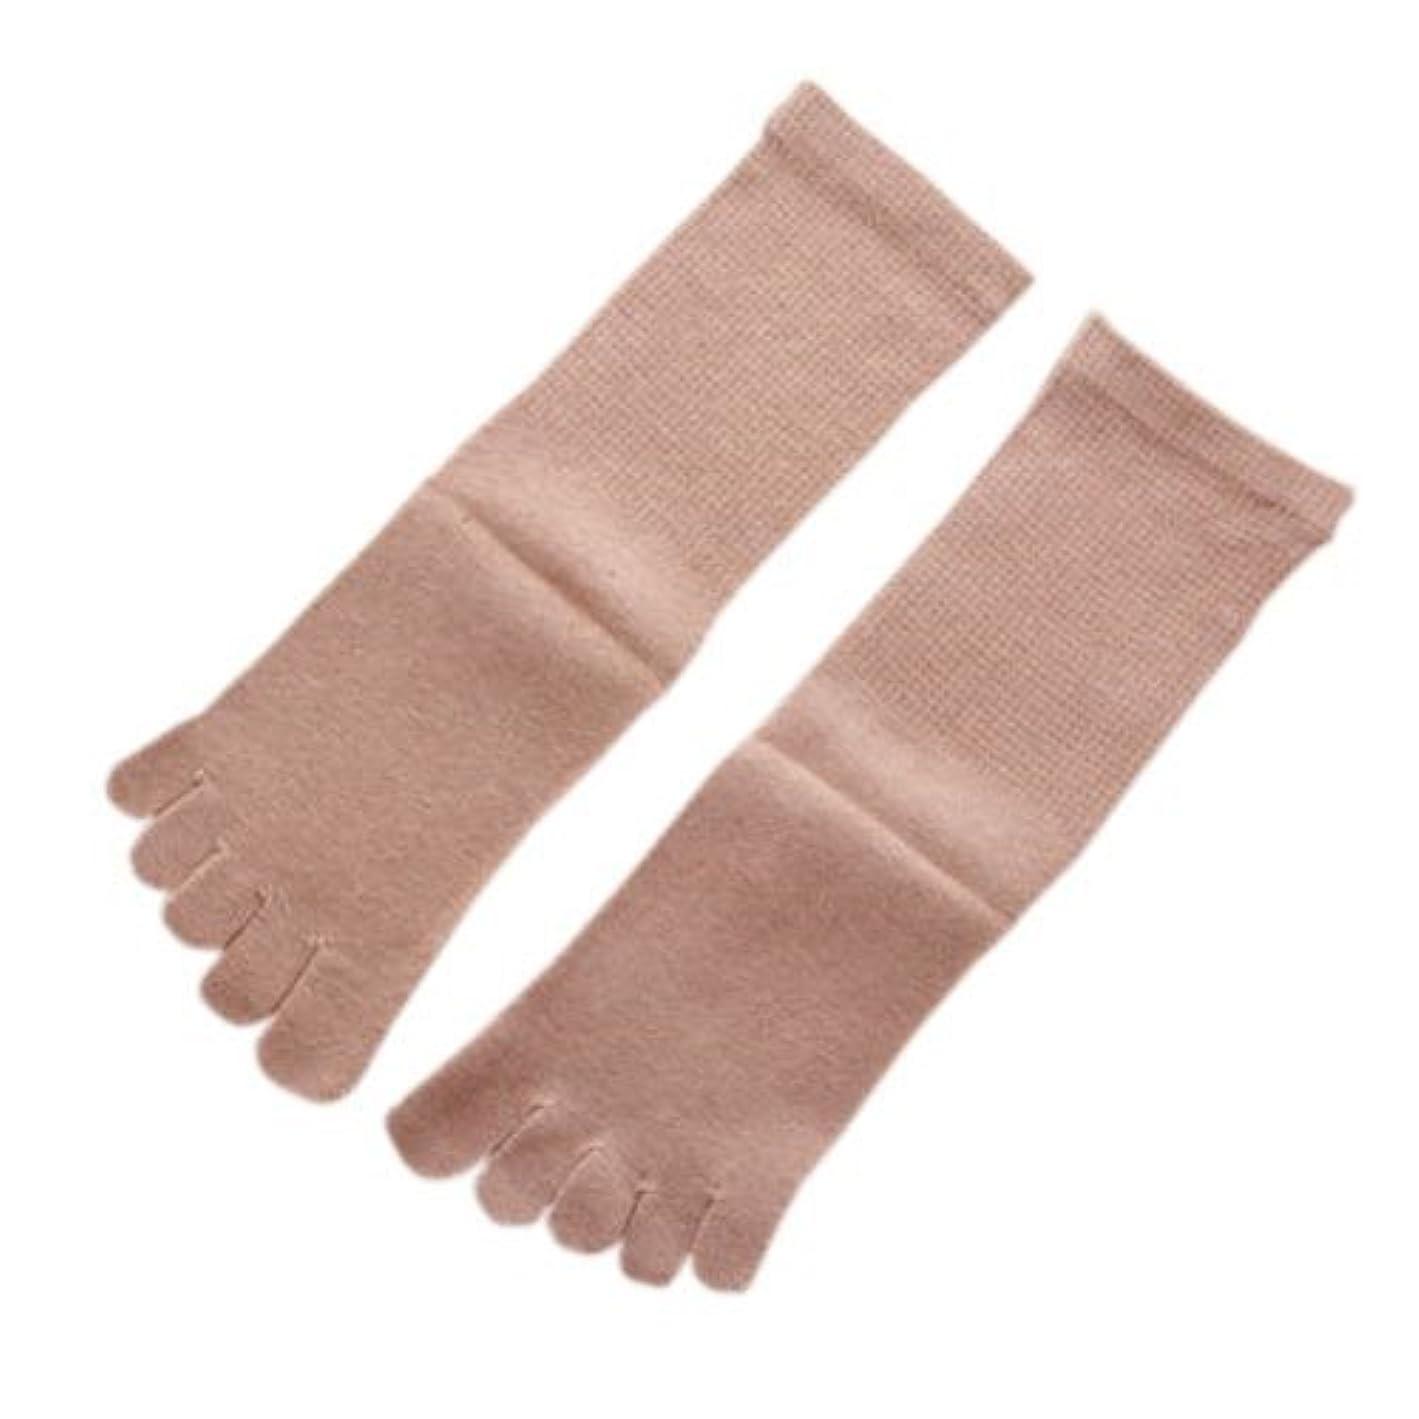 グリーンバック匹敵します恩恵オーガニックコットン 五本指ソックスシルク混L(25-27cm) ブラウン:履くだけで足のつぼをマッサージし、むくみや疲れを軽減します。